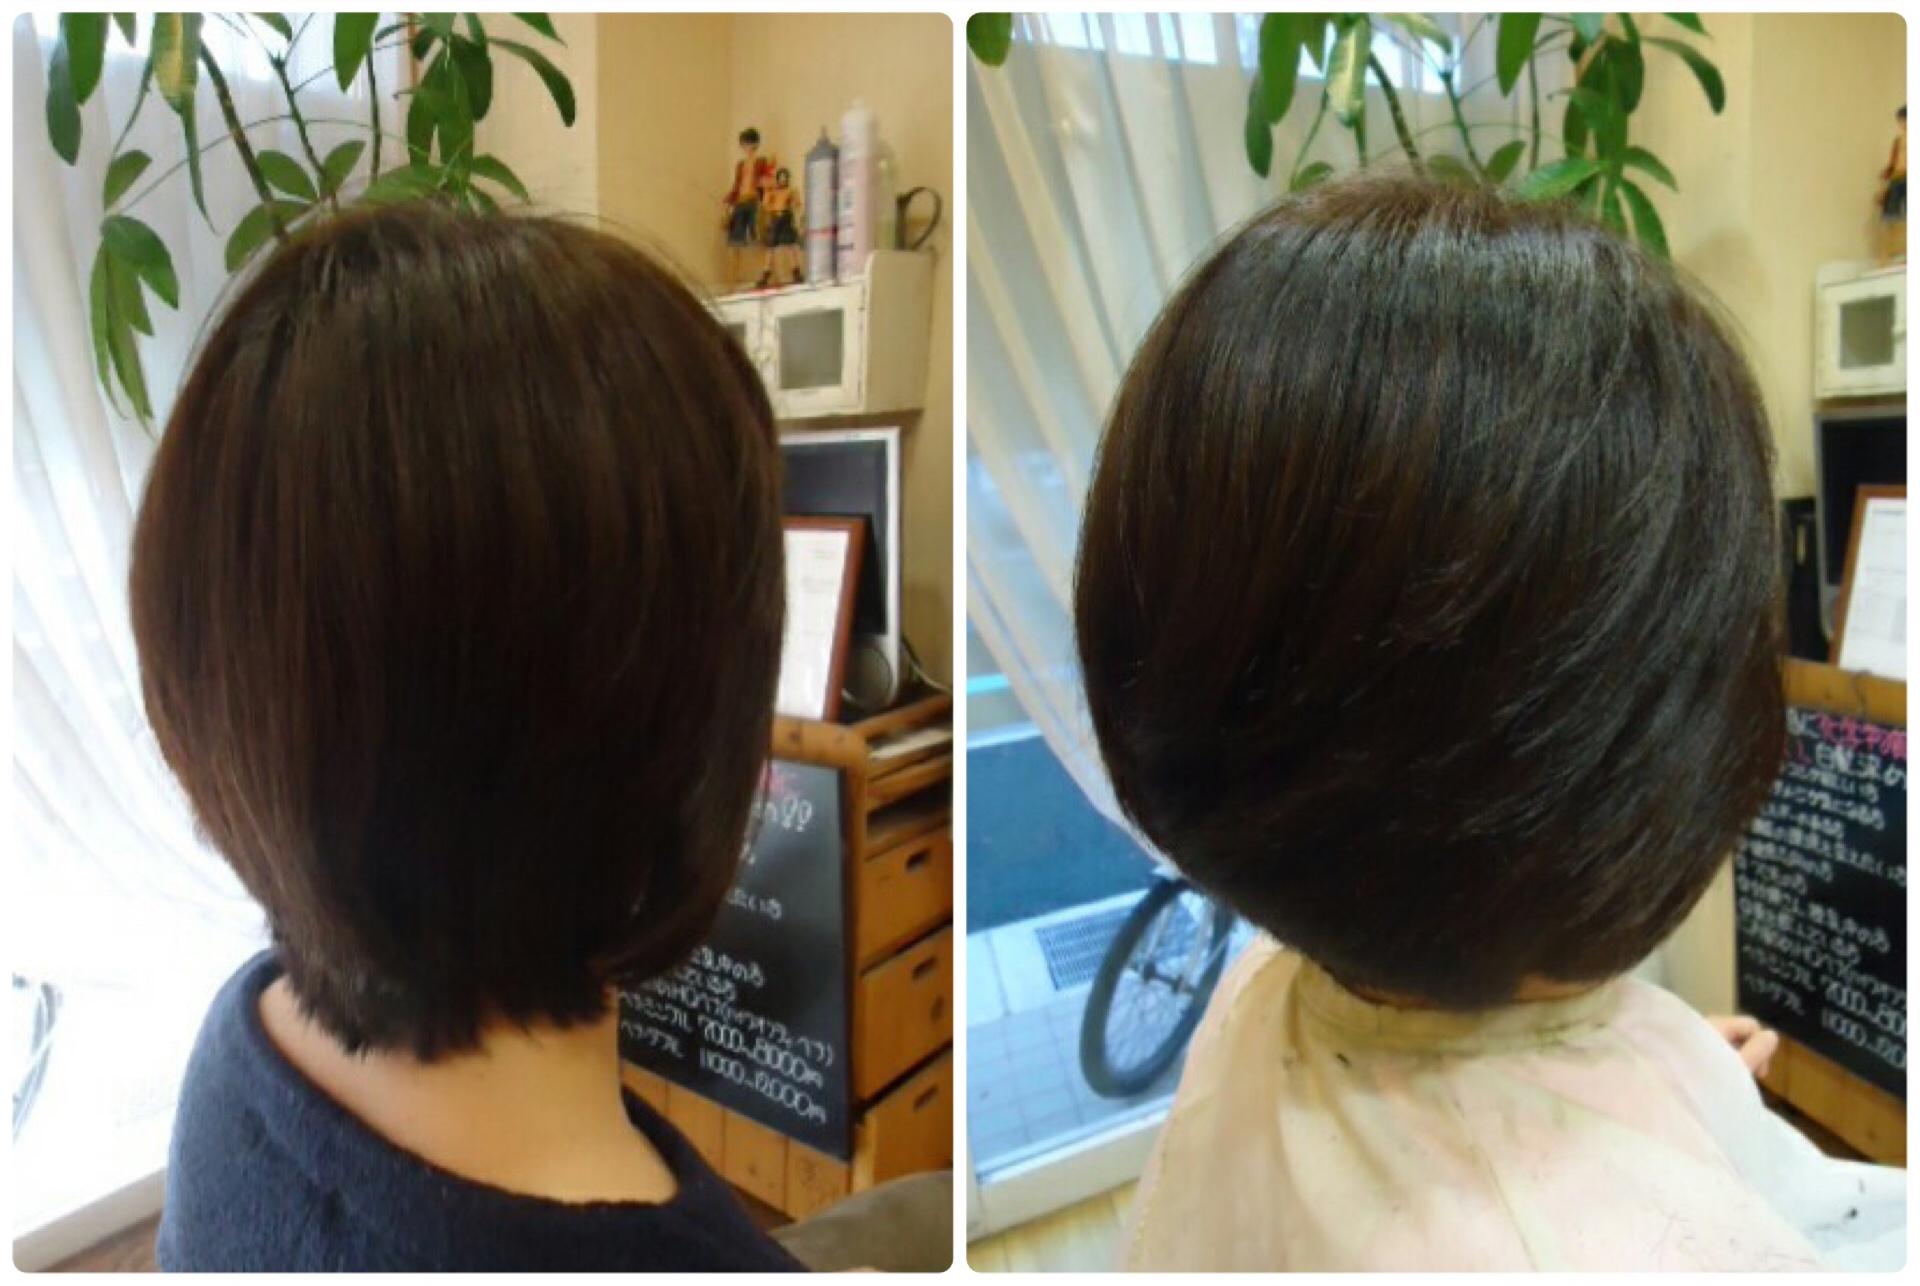 絶壁ハチ張りの直毛っと言う名のくせ毛をカットで修正する神戸くせ毛専門美容室